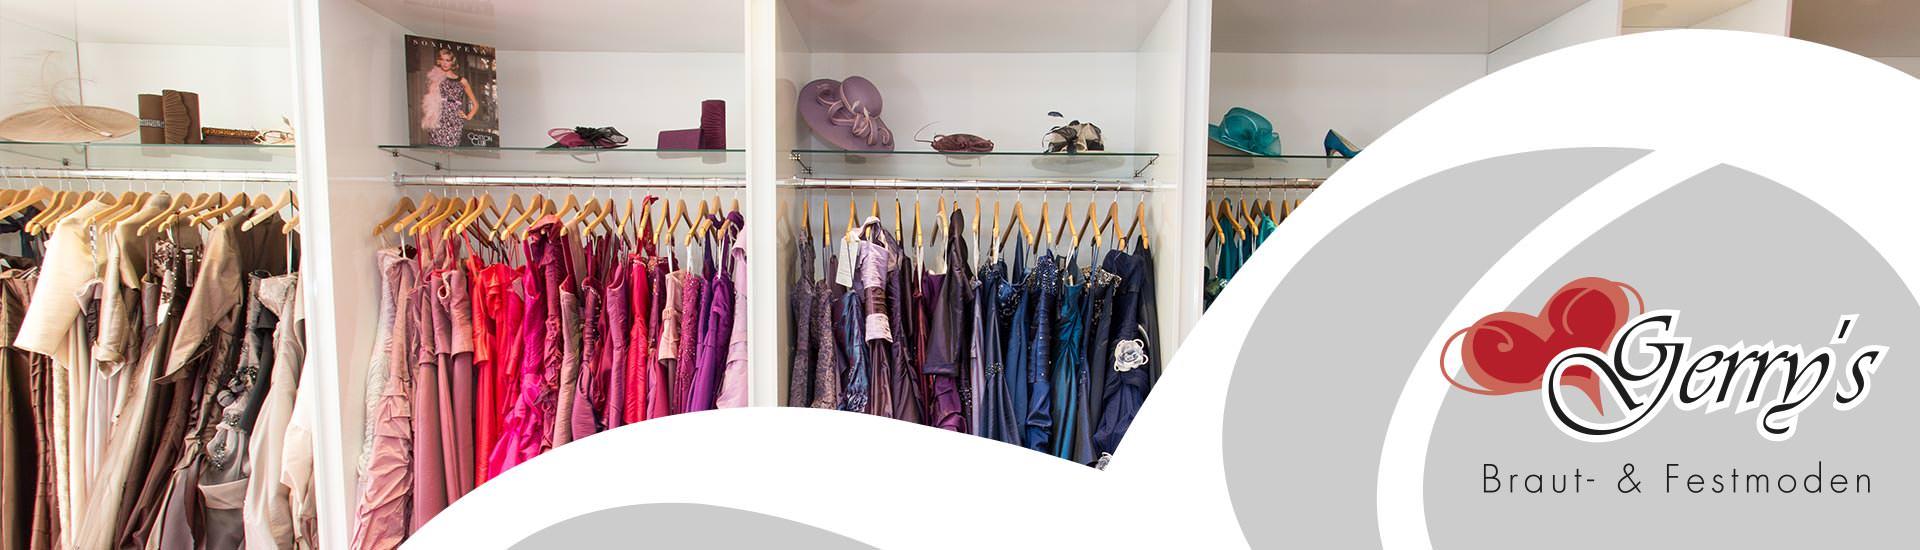 Gerrys Brautmoden und Festmoden - Kleider für besondere Anlässe